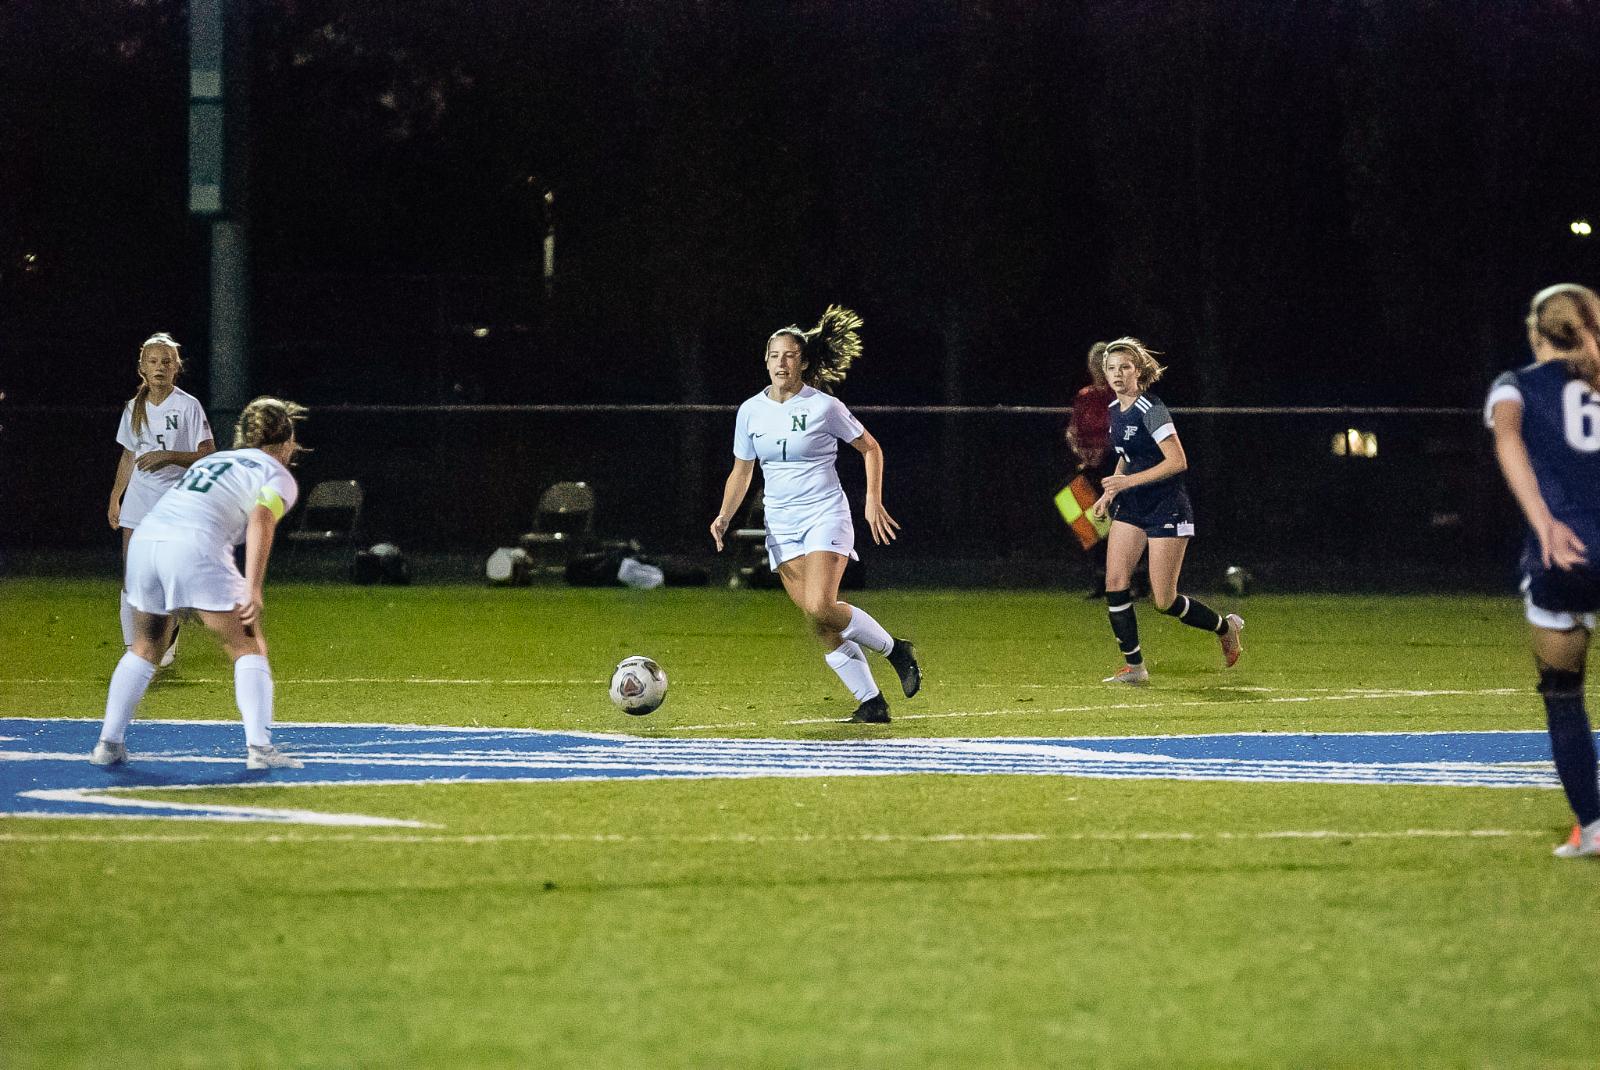 Girls Varsity Soccer VS Kettering Fairmont 10.24